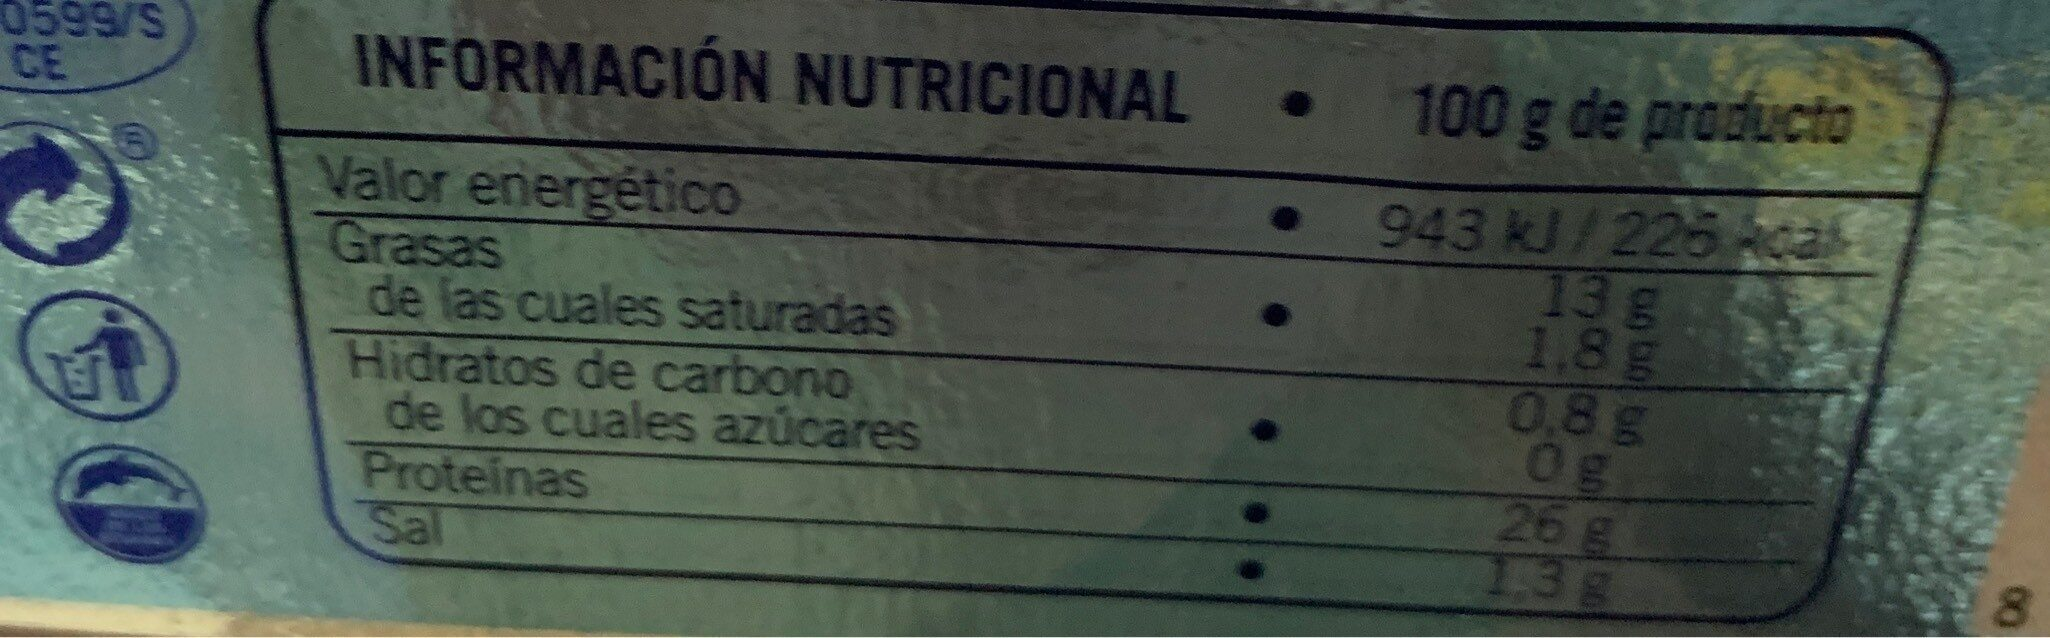 Atun claro - Nutrition facts